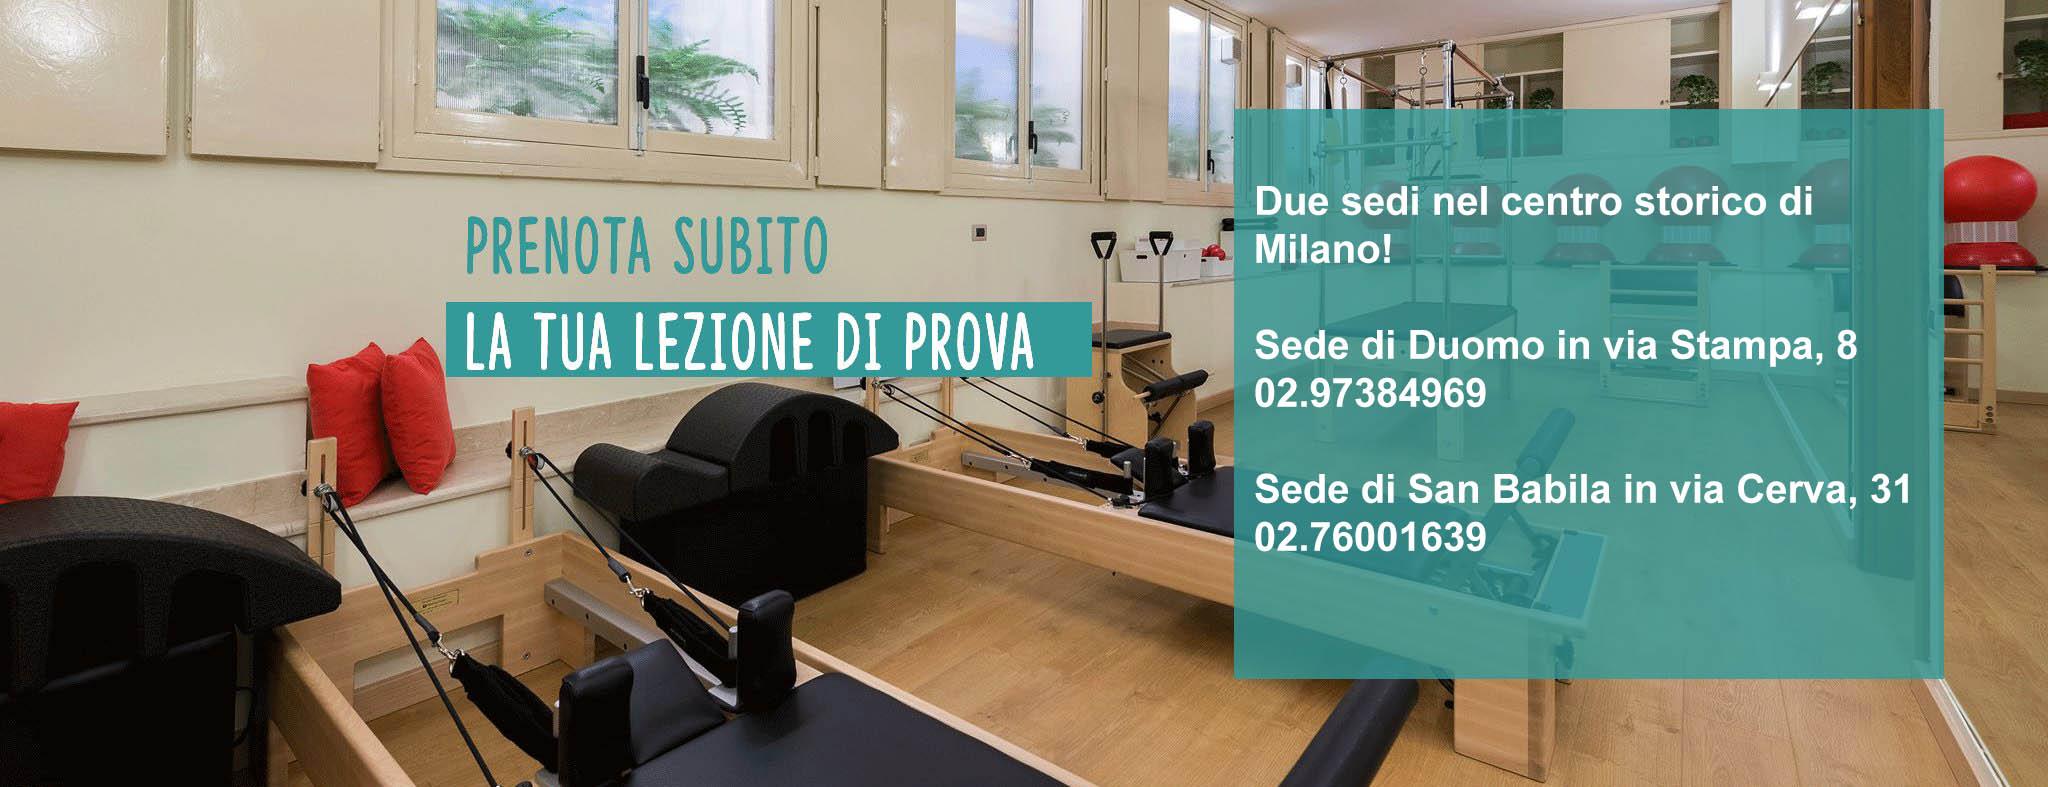 Ginnastica Posturale Via Del Caravaggio Milano - Prenota subito la tua lezione di prova